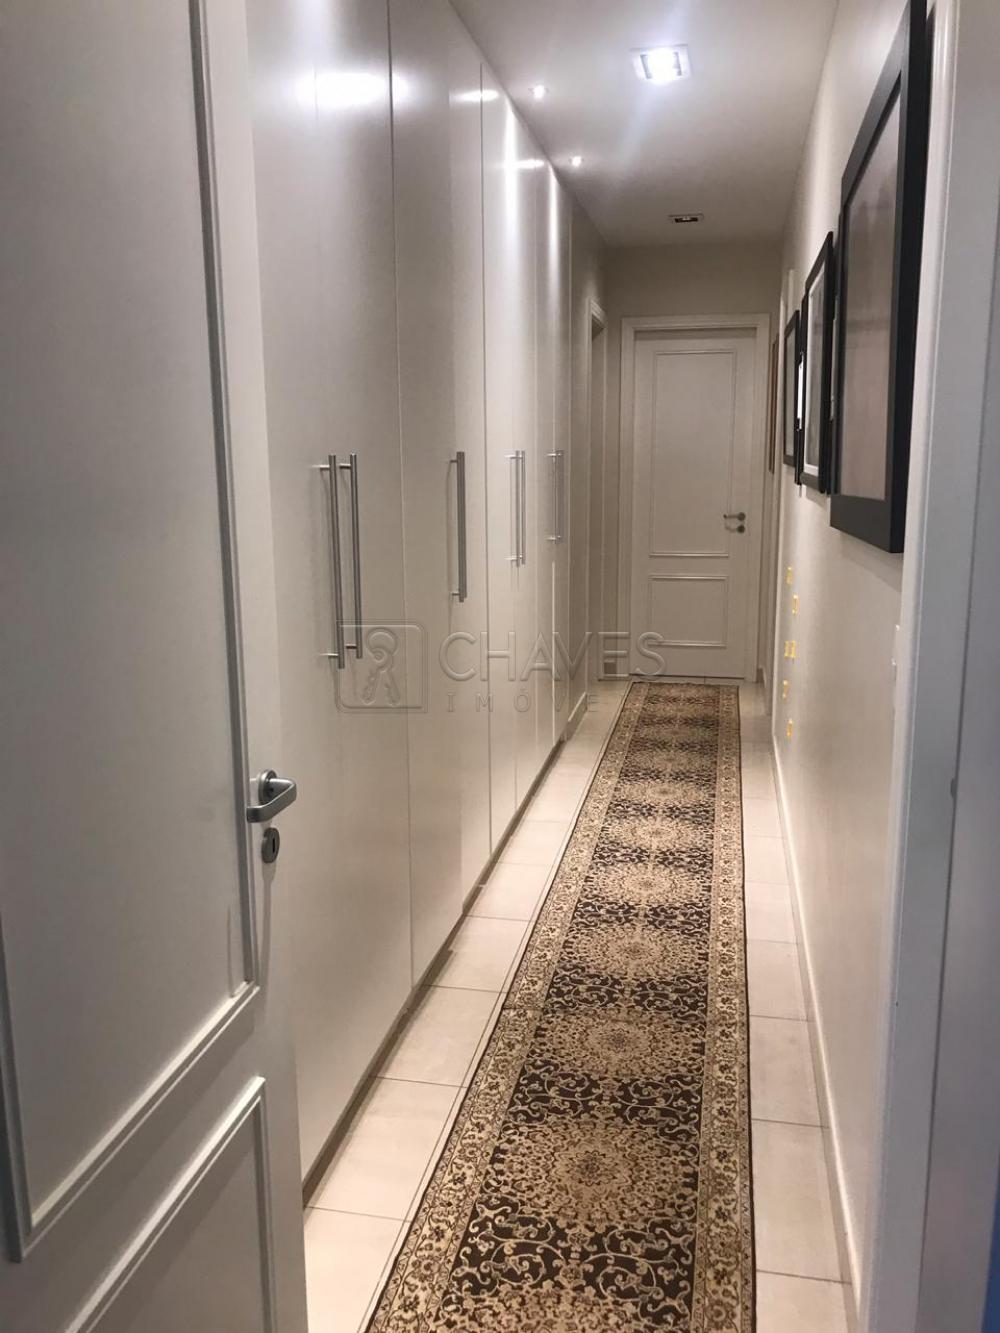 Comprar Apartamento / Padrão em Ribeirão Preto apenas R$ 1.200.000,00 - Foto 7